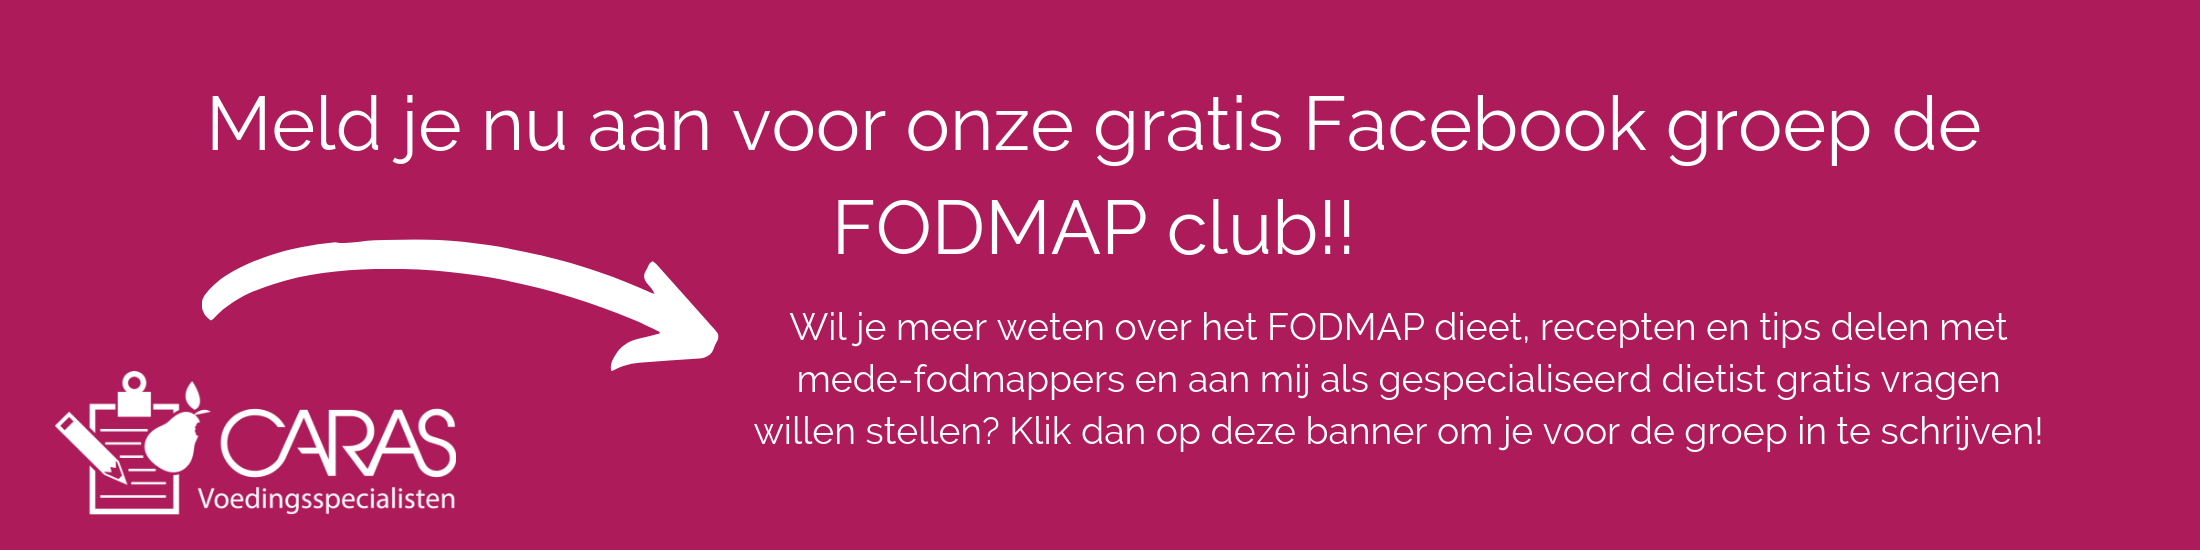 Meld je nu aan voor onze gratis Facebook groep de FODMAP club